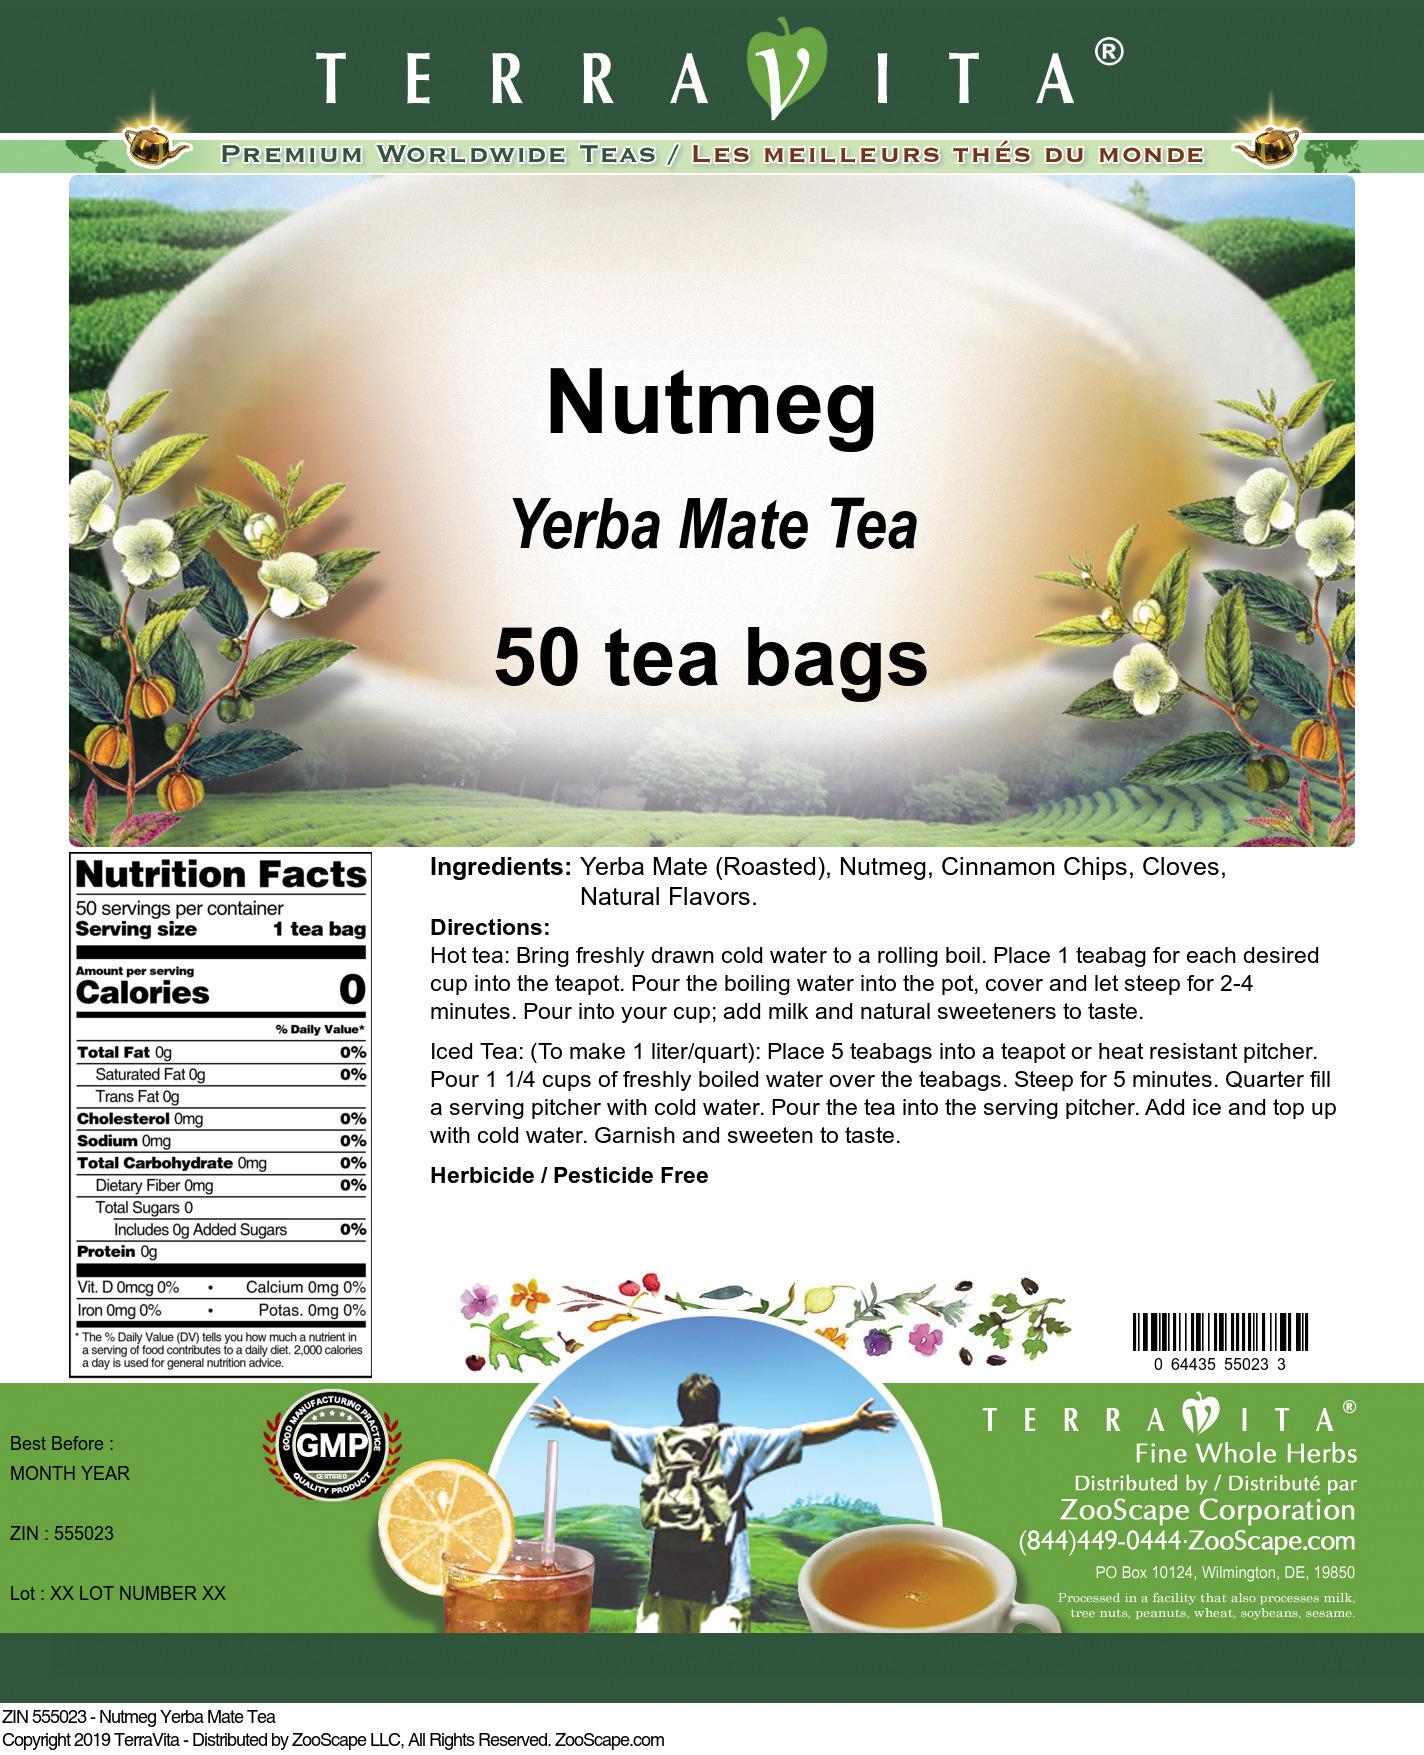 Nutmeg Yerba Mate Tea